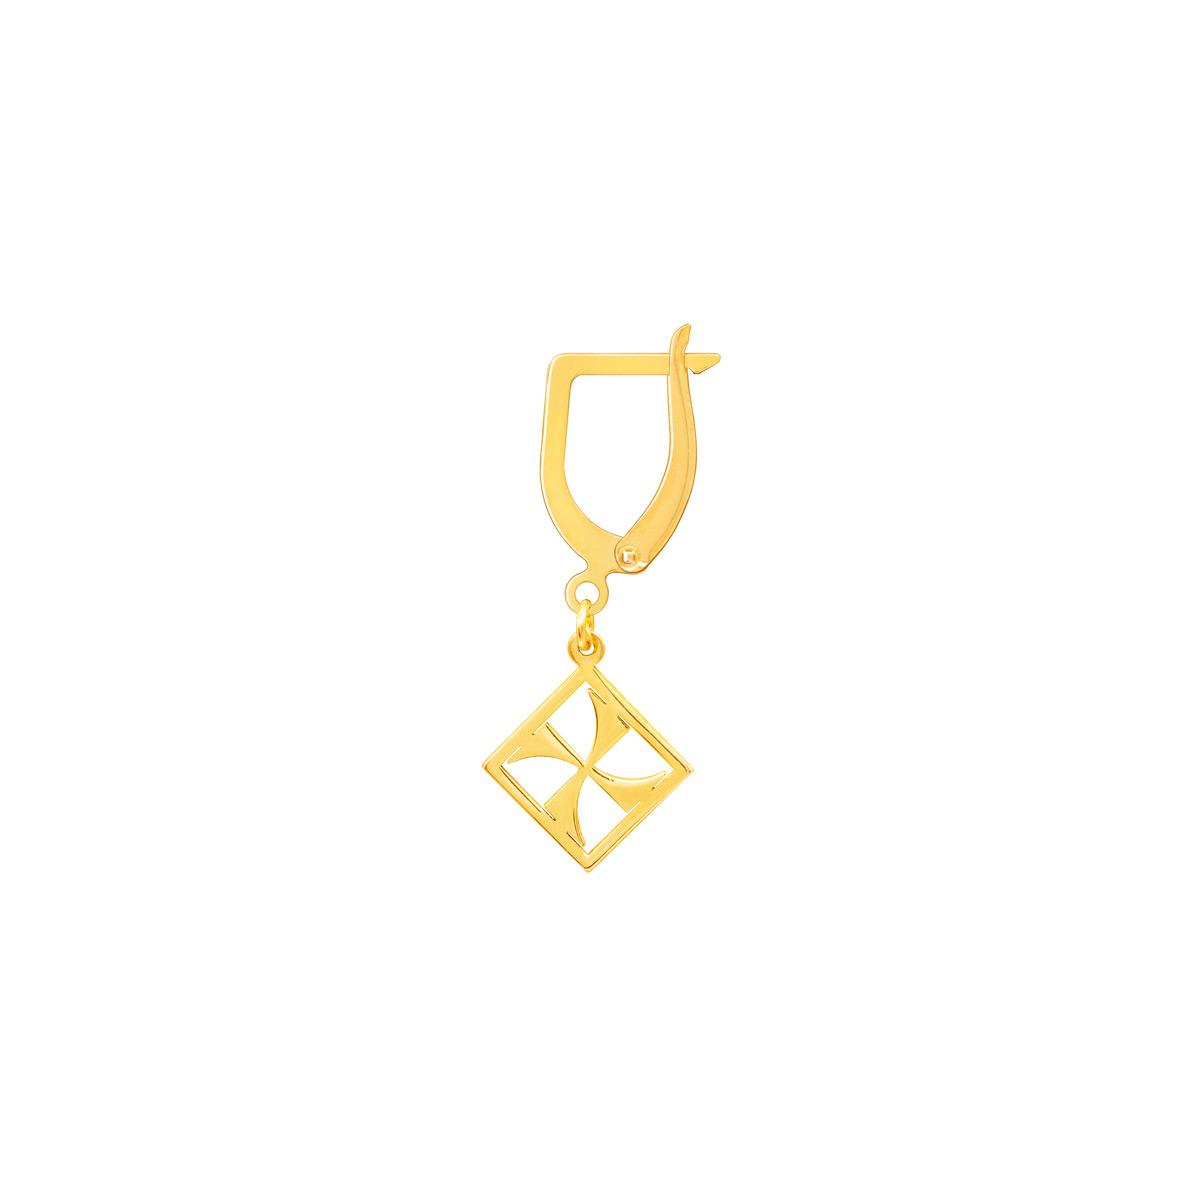 گوشواره طلا تک لنگه ای مهر پرسته